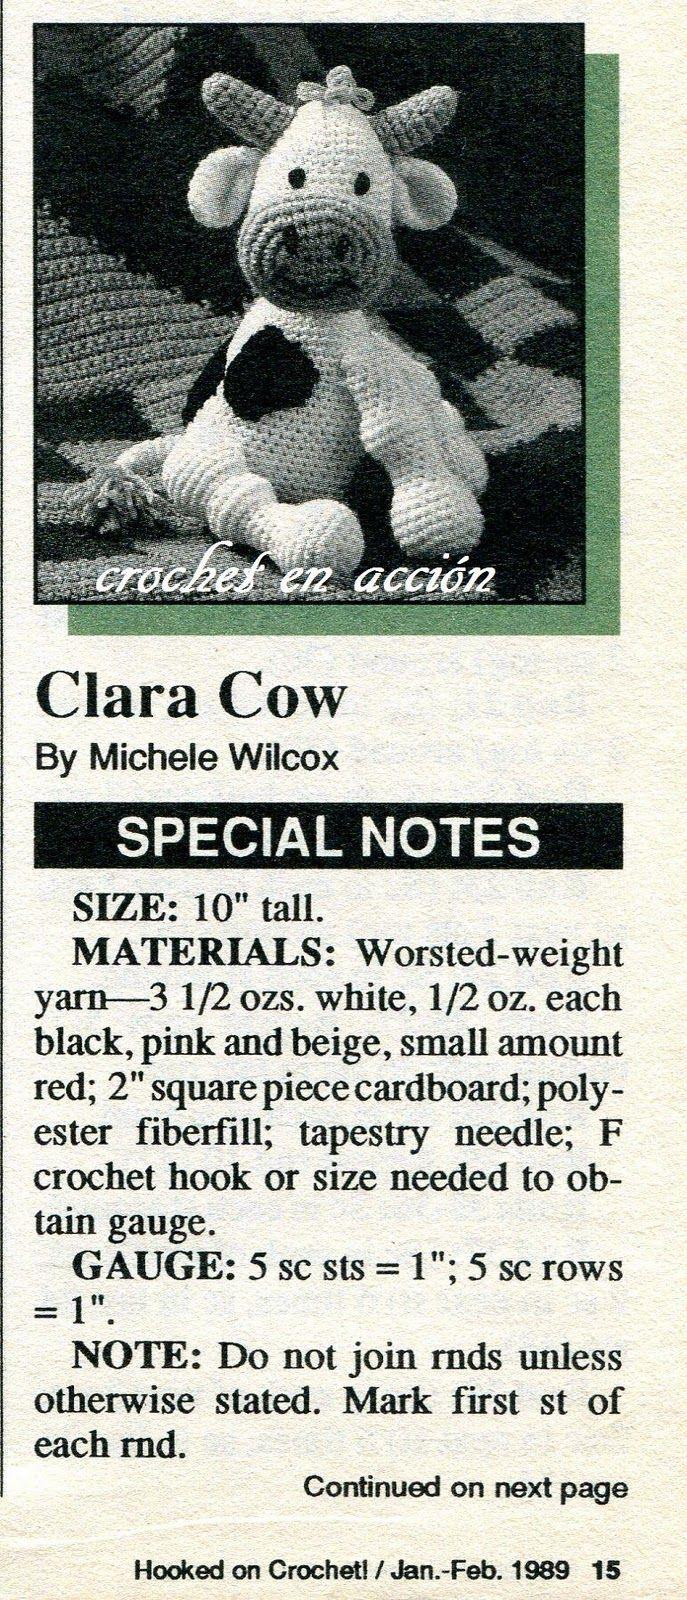 Crochet En Acción: La vaca Clara | crochet | Pinterest | Acción ...